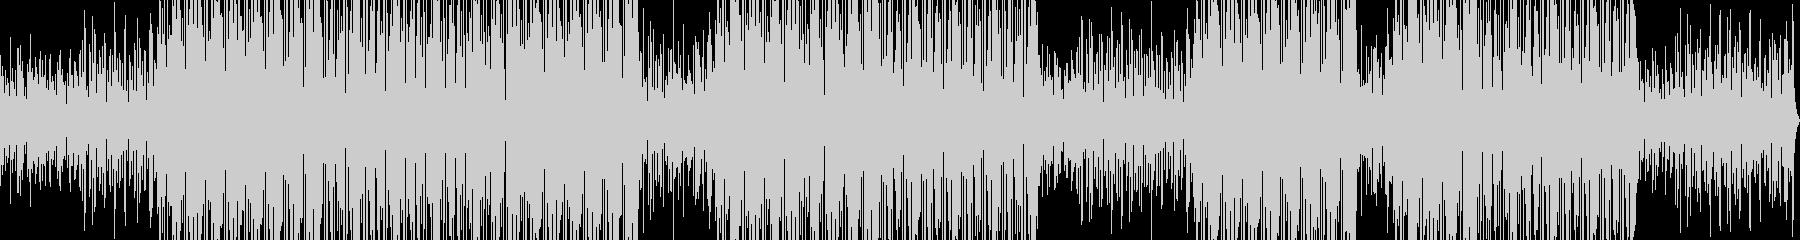 ピアノTRAPの未再生の波形